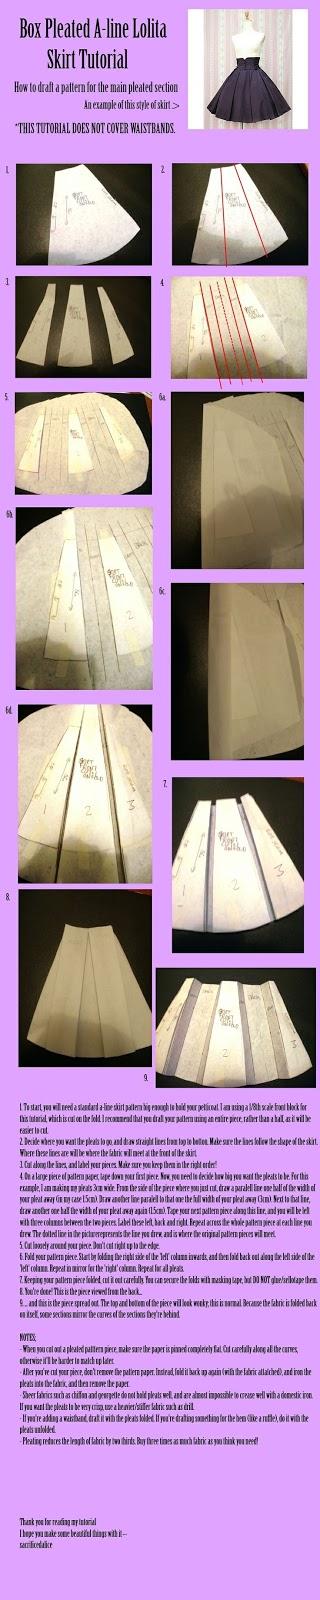 Una Lolita costurera: Tutorial Falda con tablas de dos colores                                                                                                                                                                                 Más